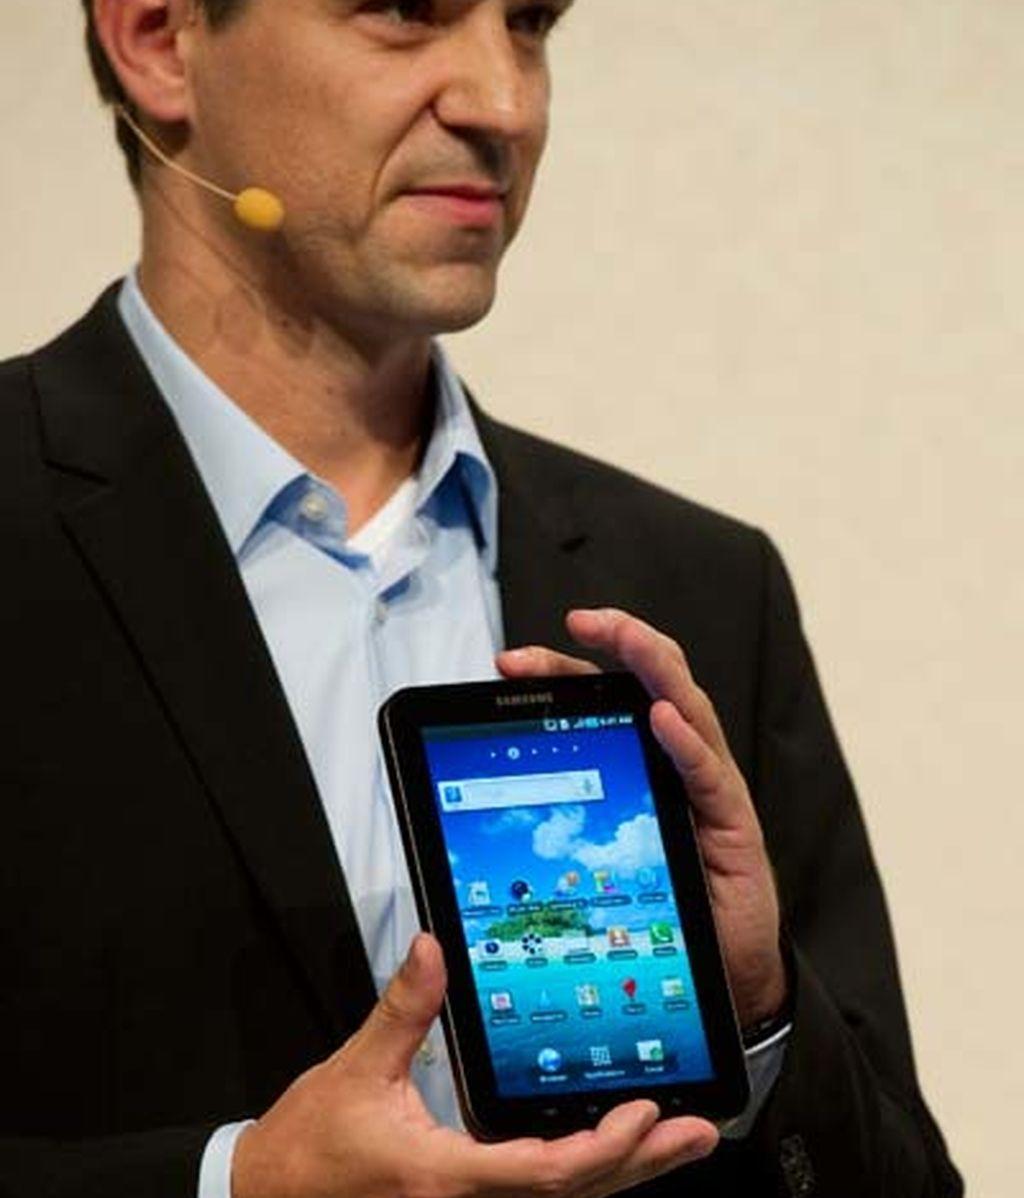 Thomas Richter,Jefe de Desarrollo de Telecomunicaciones en Euorpa de Samsung, muestra el nuevo Samsung Galaxy Tab